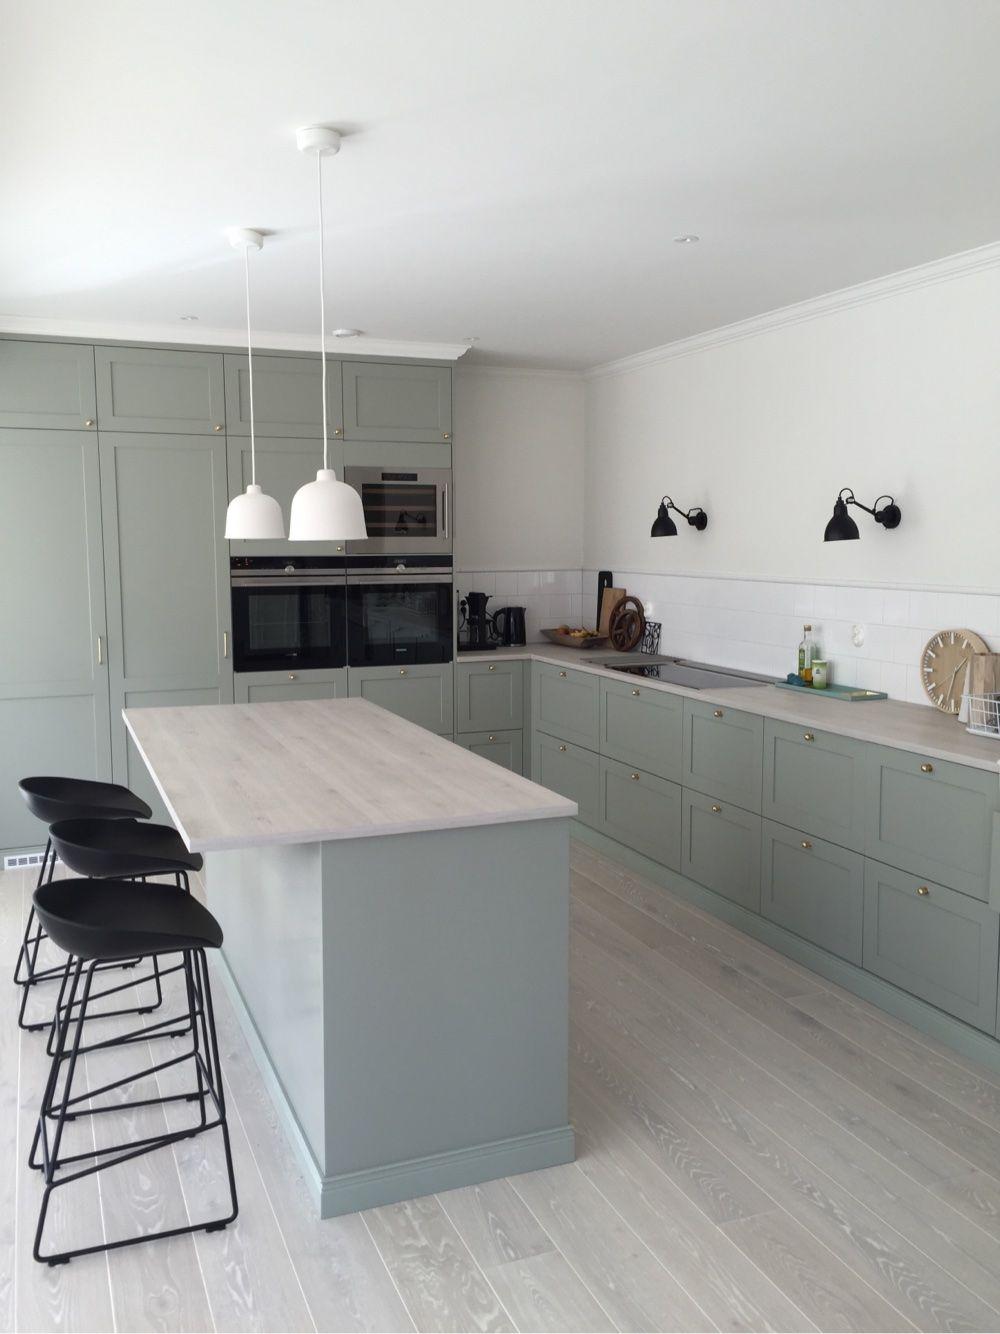 Grått/vitt kök   Kitchen and dining love   Pinterest   Grey ...